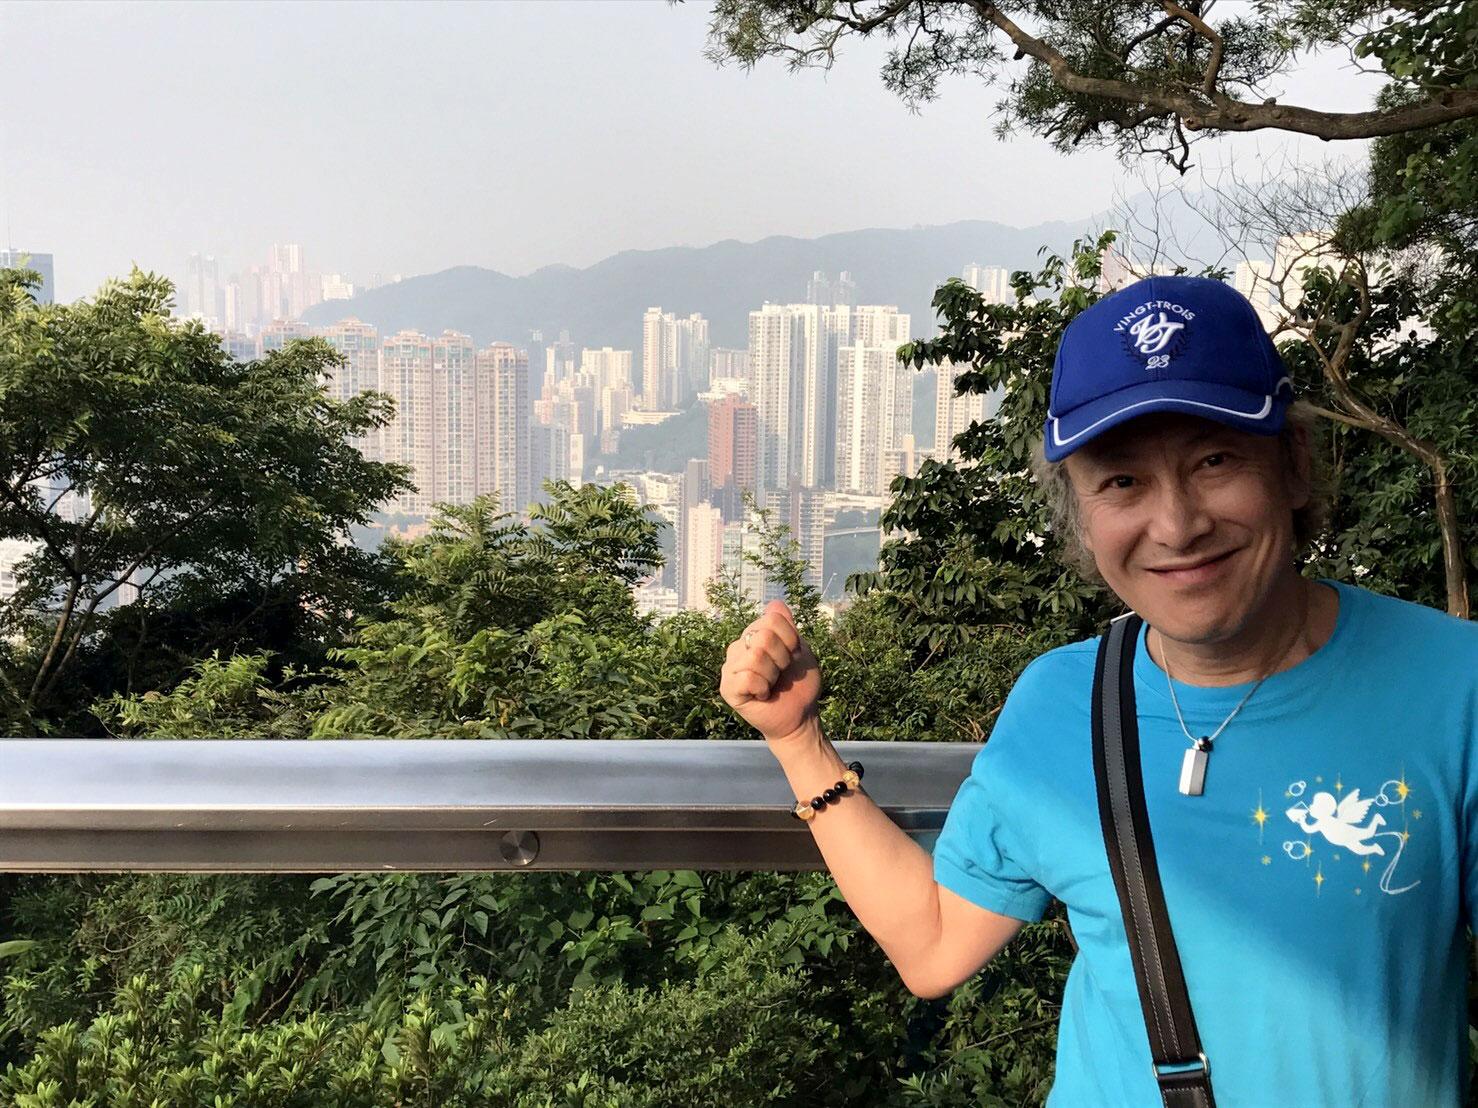 声優養成所で声優になるには!アニコン香港2017堀川りょう番外編